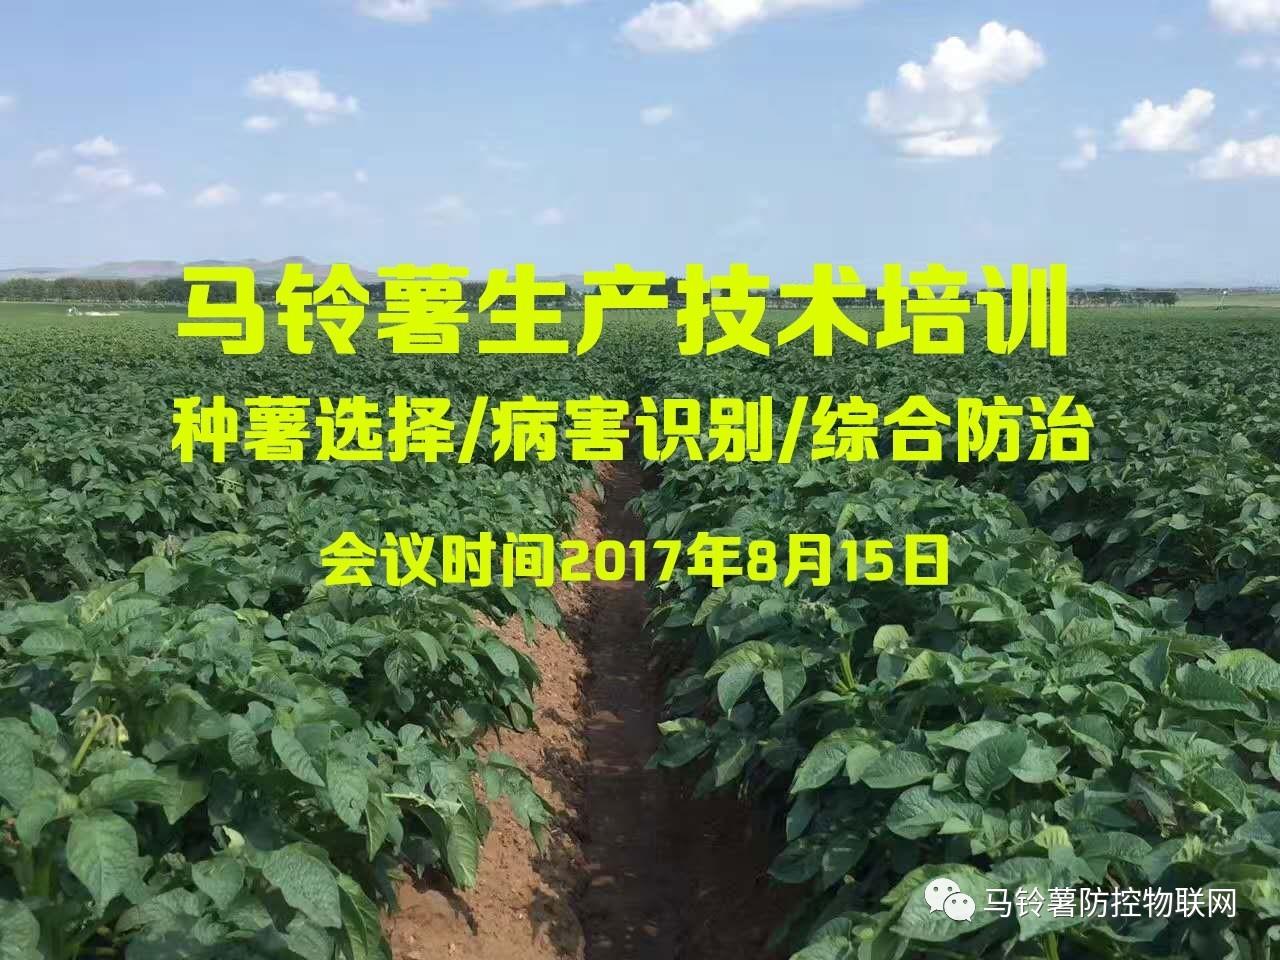 8月15日黑龙江省农业科学院农化研究所举办马铃薯生产技术培训_薯卫士_马铃薯支持平台